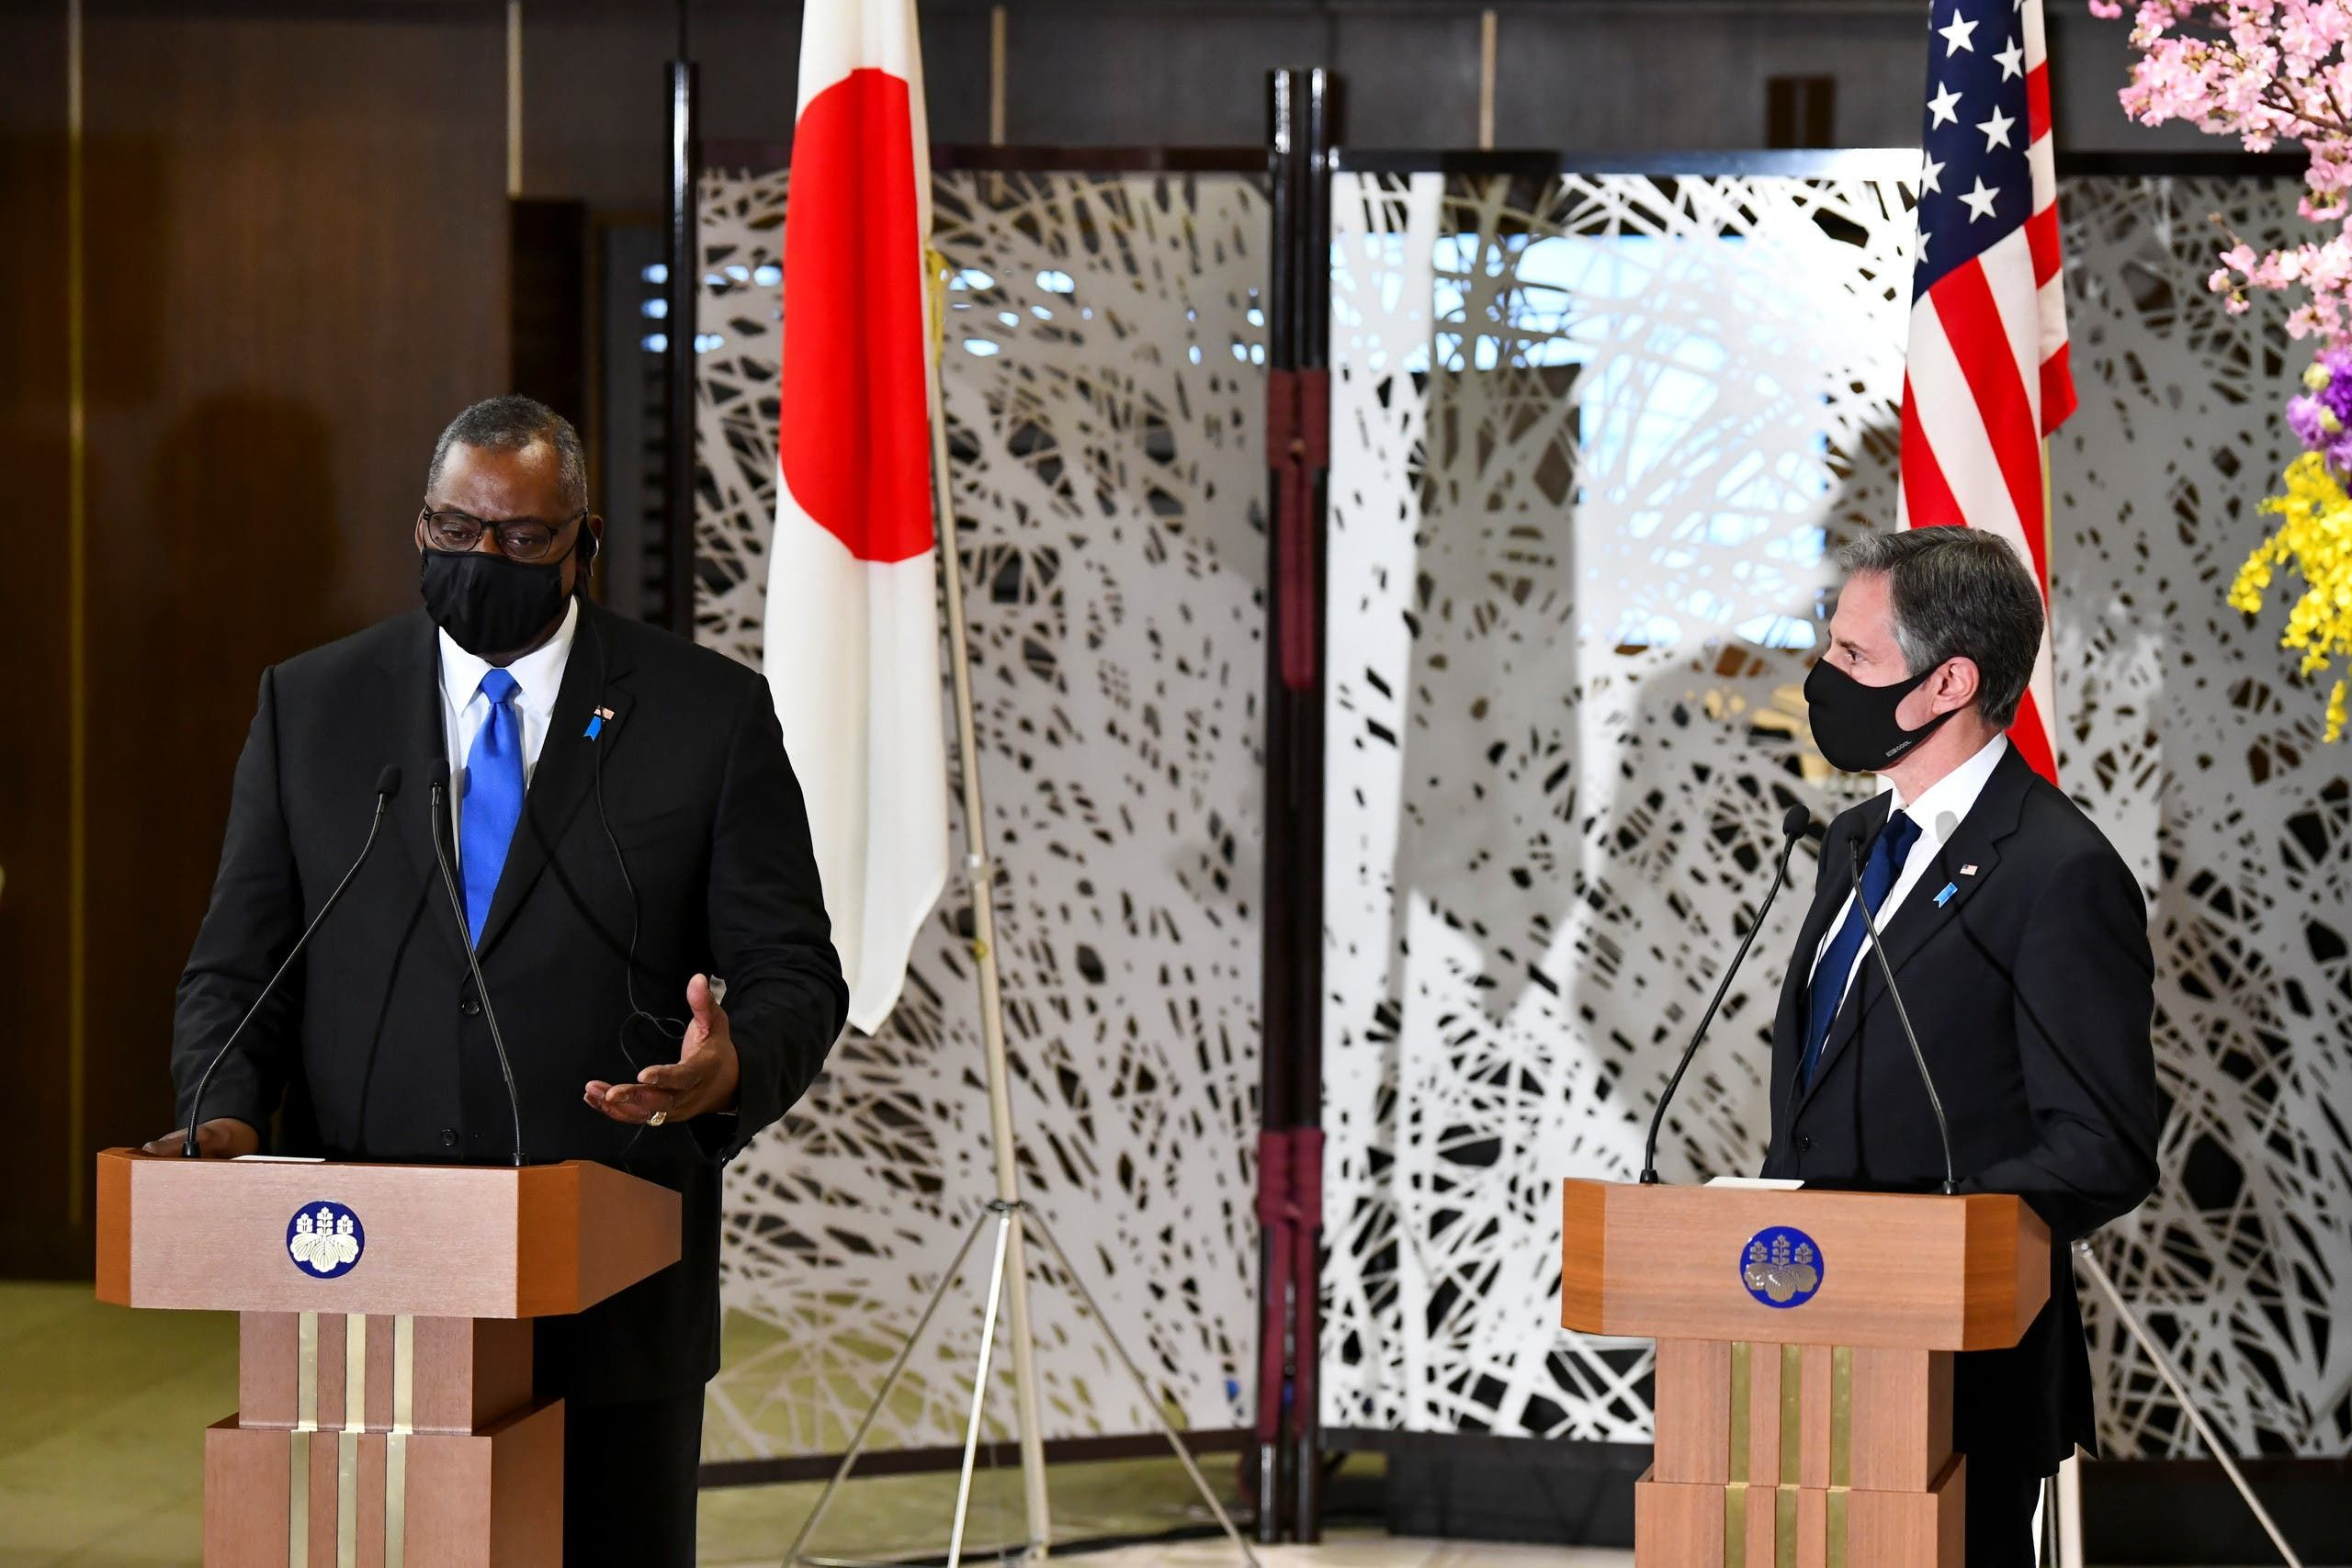 وزيرا الخارجية والدفاع الأميركيان في اليابان